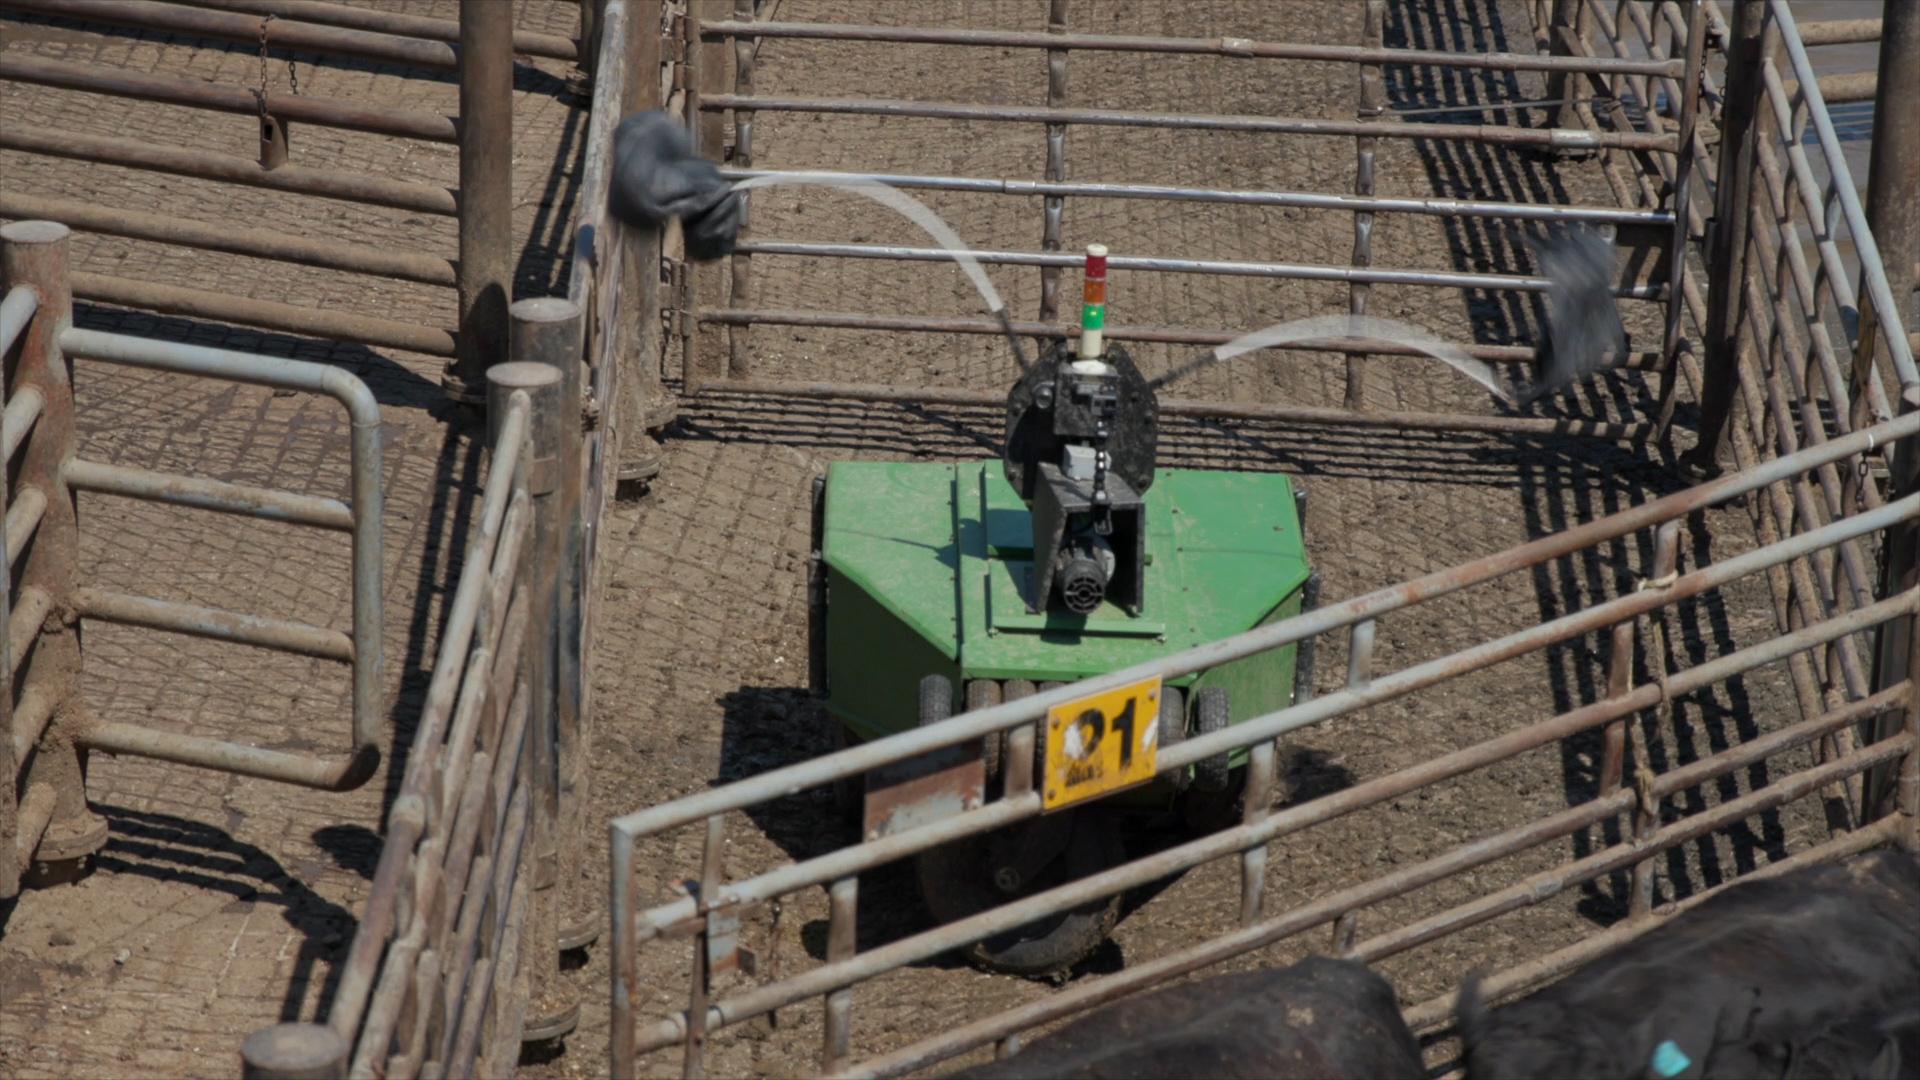 Https Video Worlds Highest Dunk Blueprint Api Cut Engineer Safety Boots Iron Fosil Leather Coklat 98afcd36 06f6 4da0 A75d E591ad6a2a75